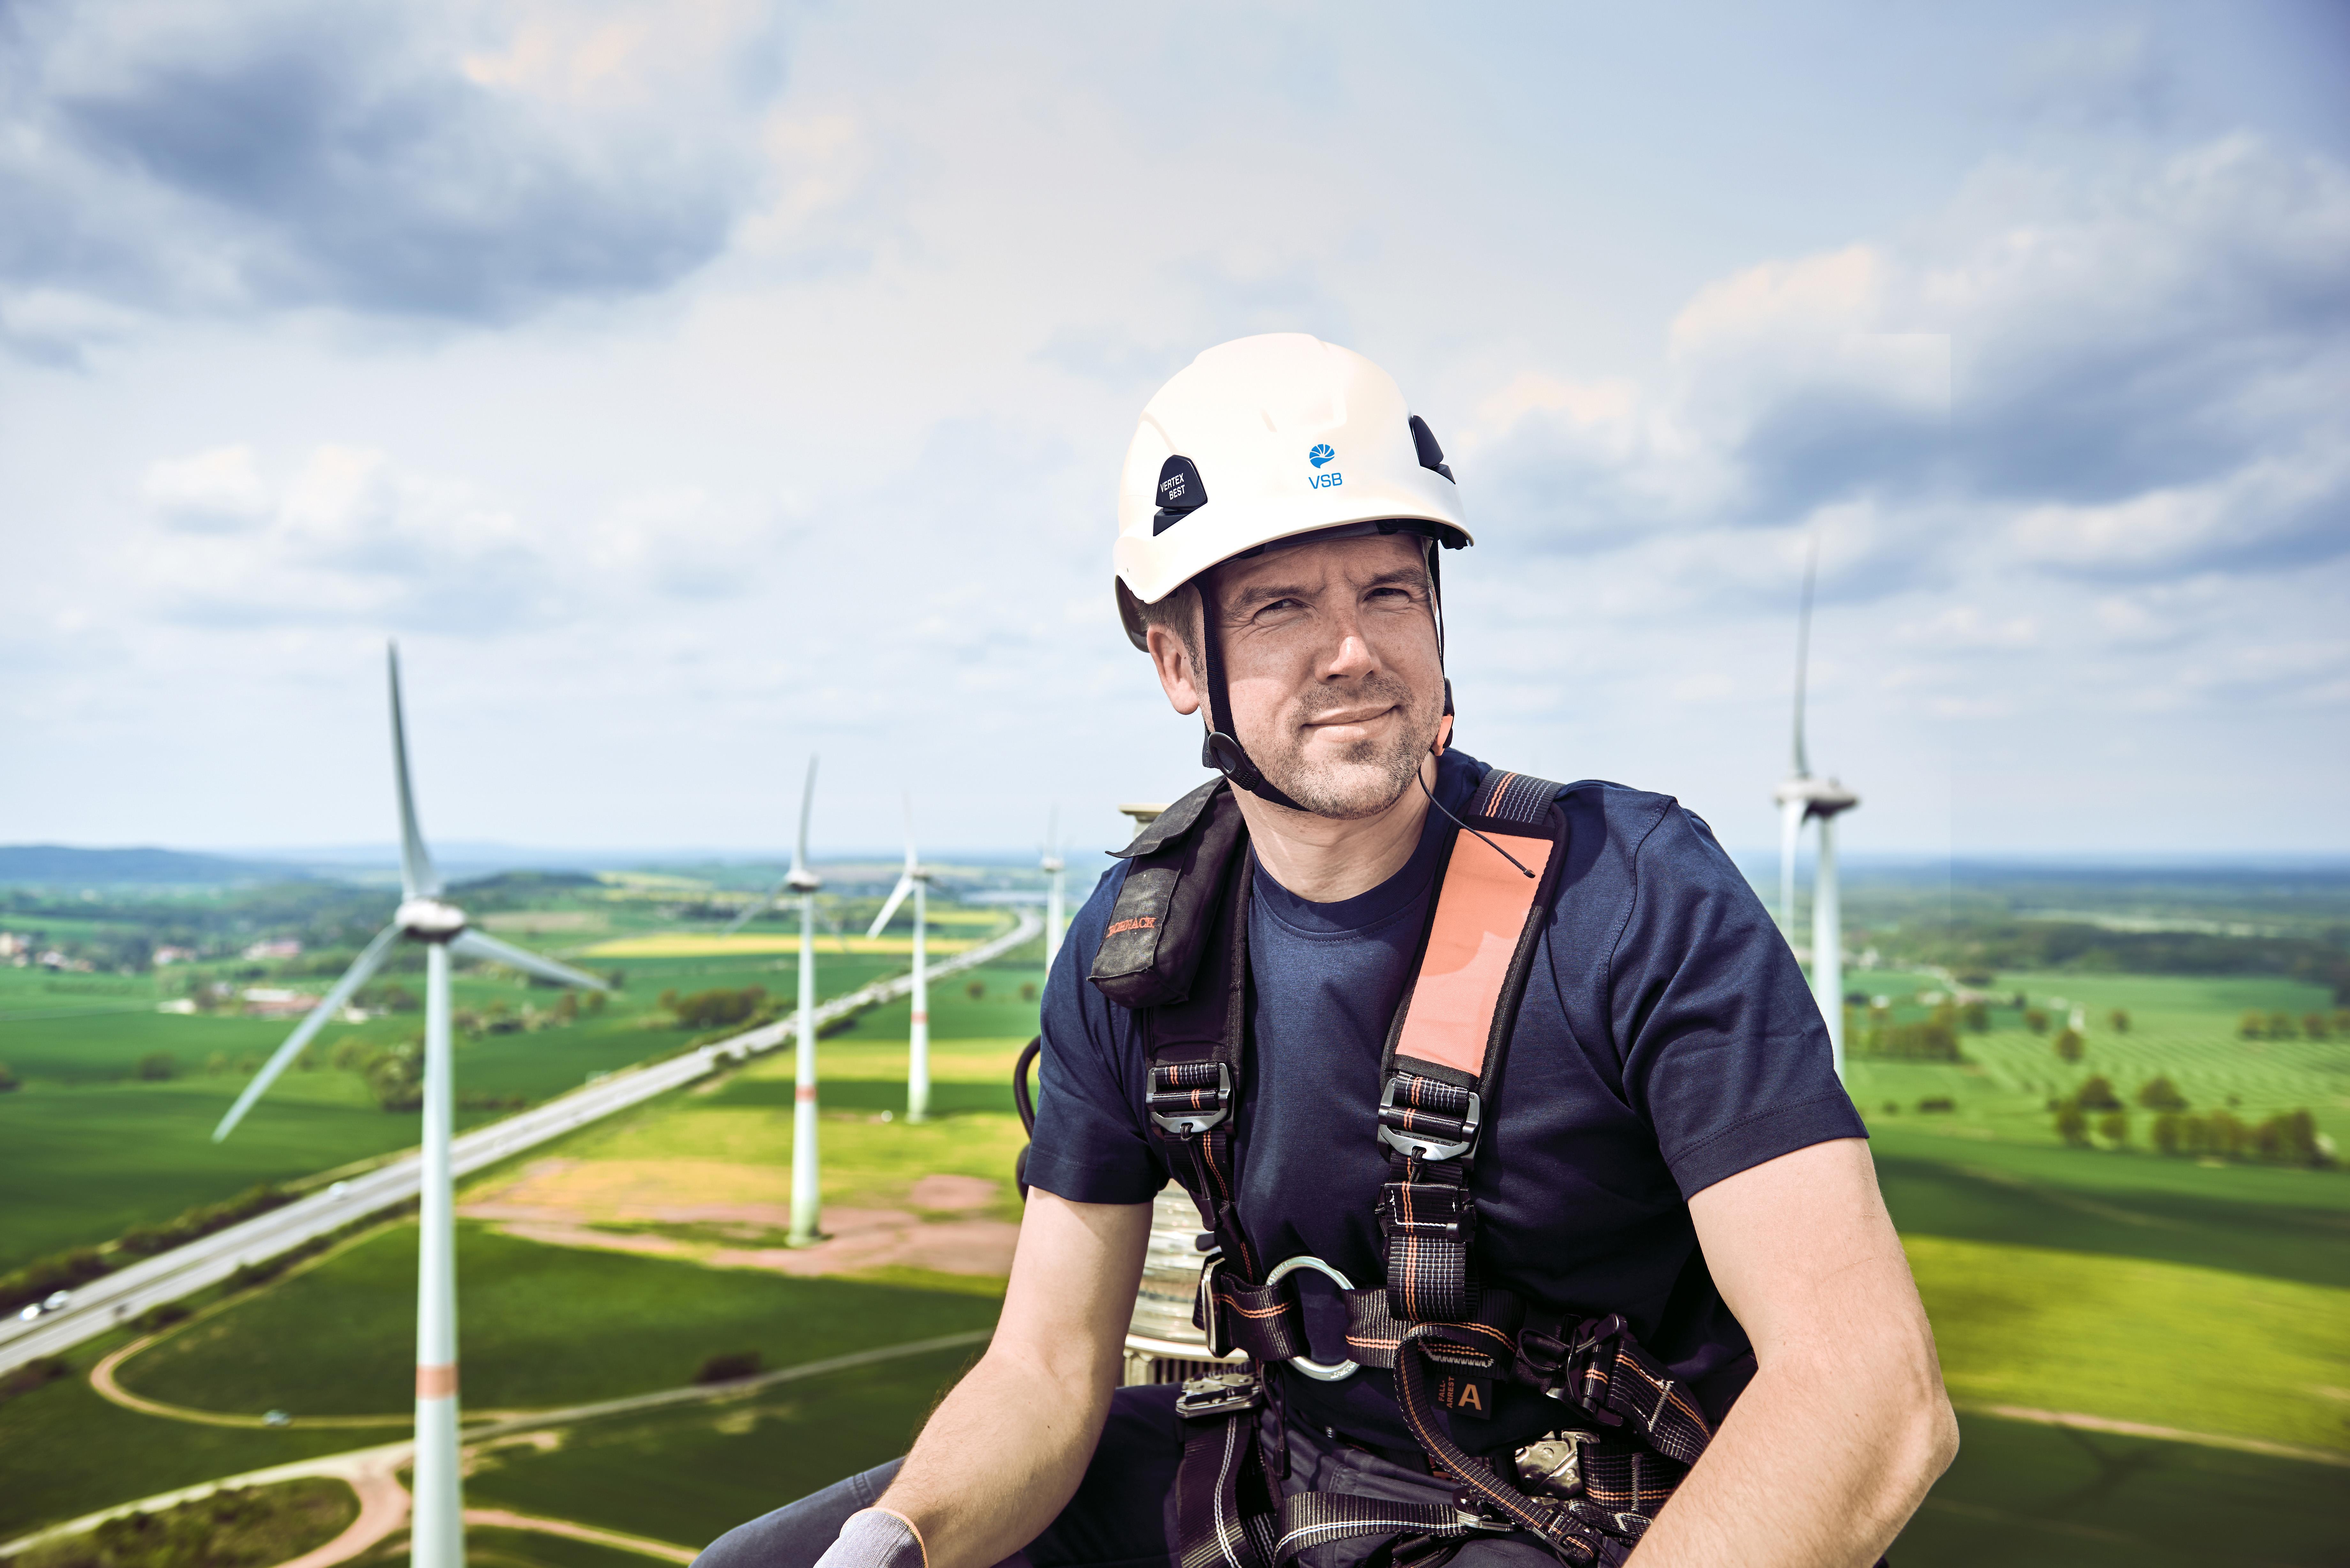 Mehr als 700 Windenergie- und Photovoltaikanlagen hat VSB bereits entwickelt und errichtet.